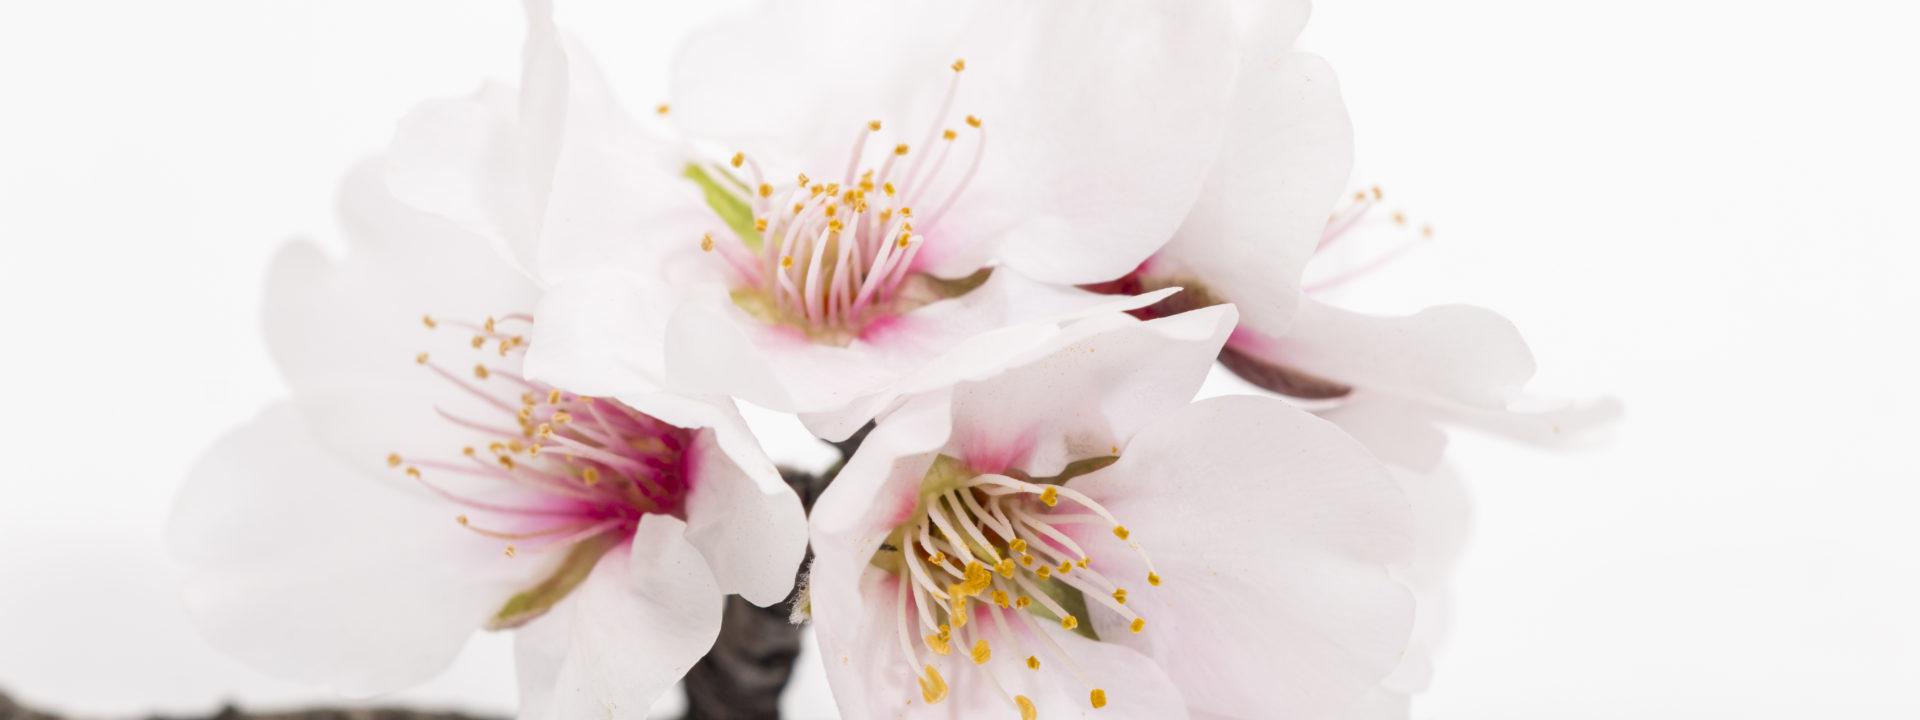 Мастер-класс по живописи <br>маслом «Цветы миндаля»